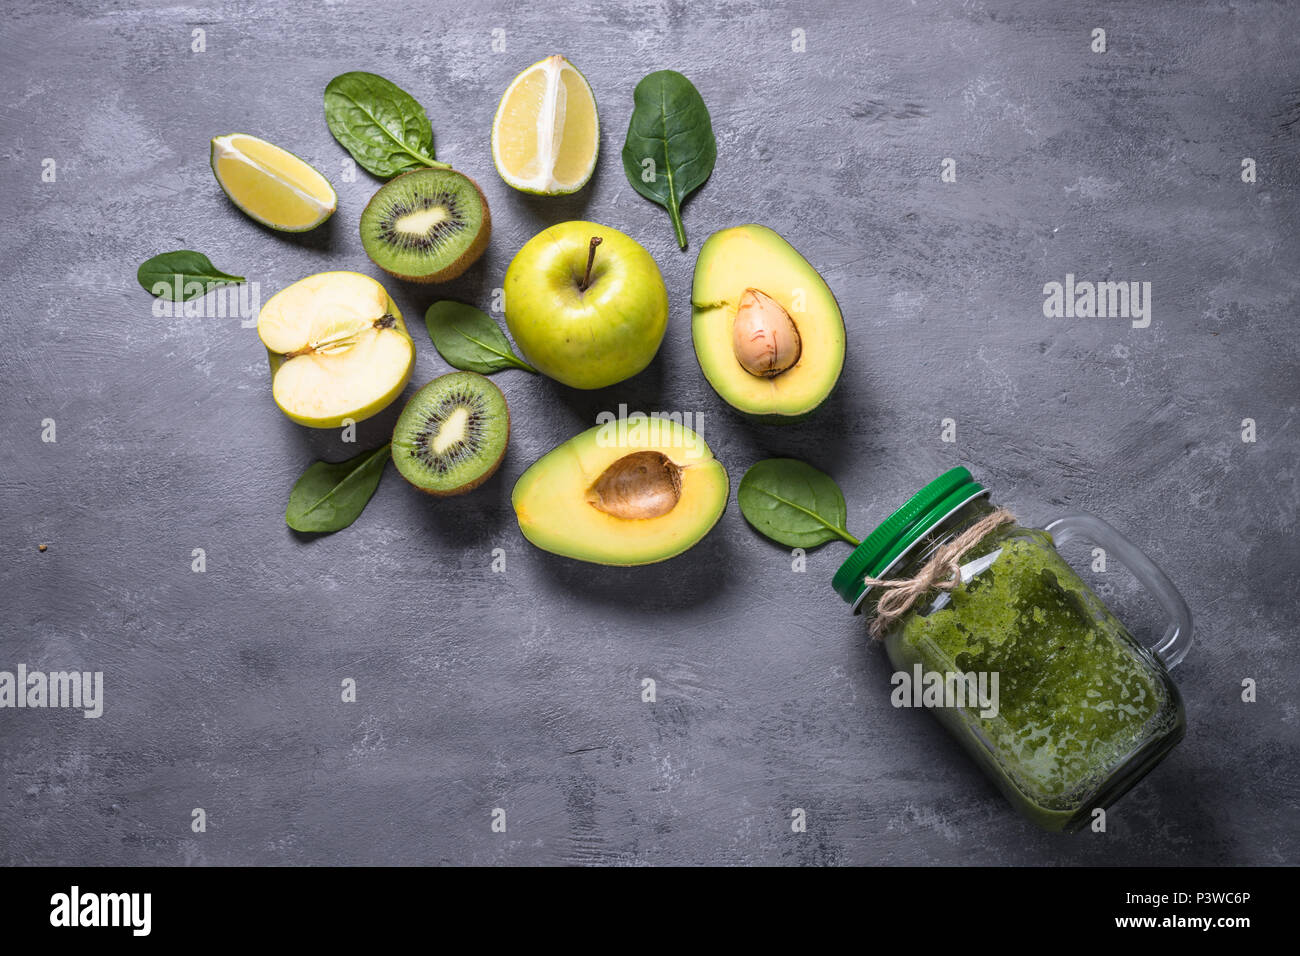 Grüne Smoothie in Mason jar und Zutaten. Superfoods, Detox, Diät, gesundes Essen. Kalk, Apfel, Spinat, Avocado und Kalk Stockbild